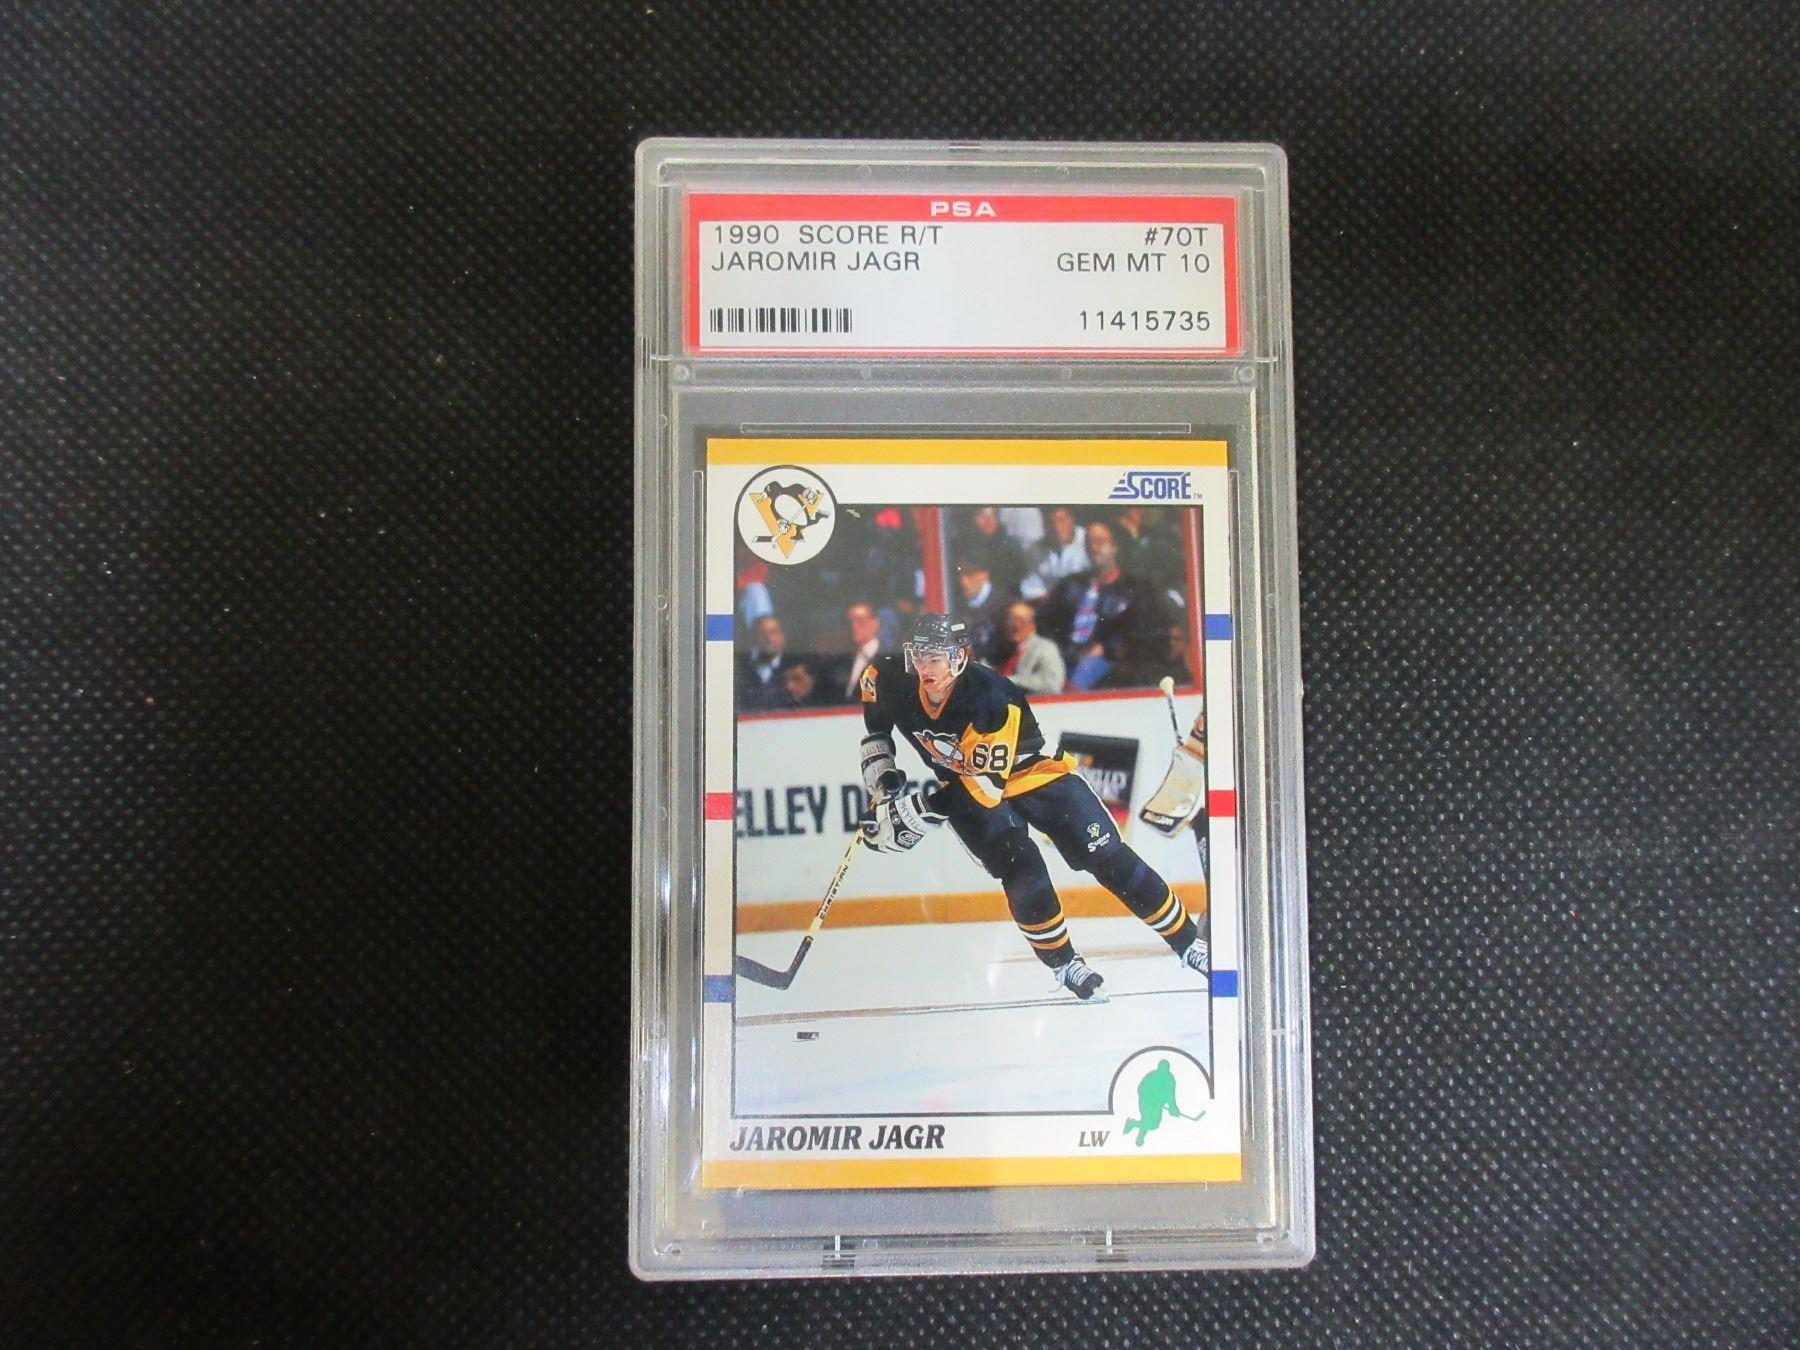 Jaromir Jagr Rookie Card 1990 70t Graded Gem Mint 10